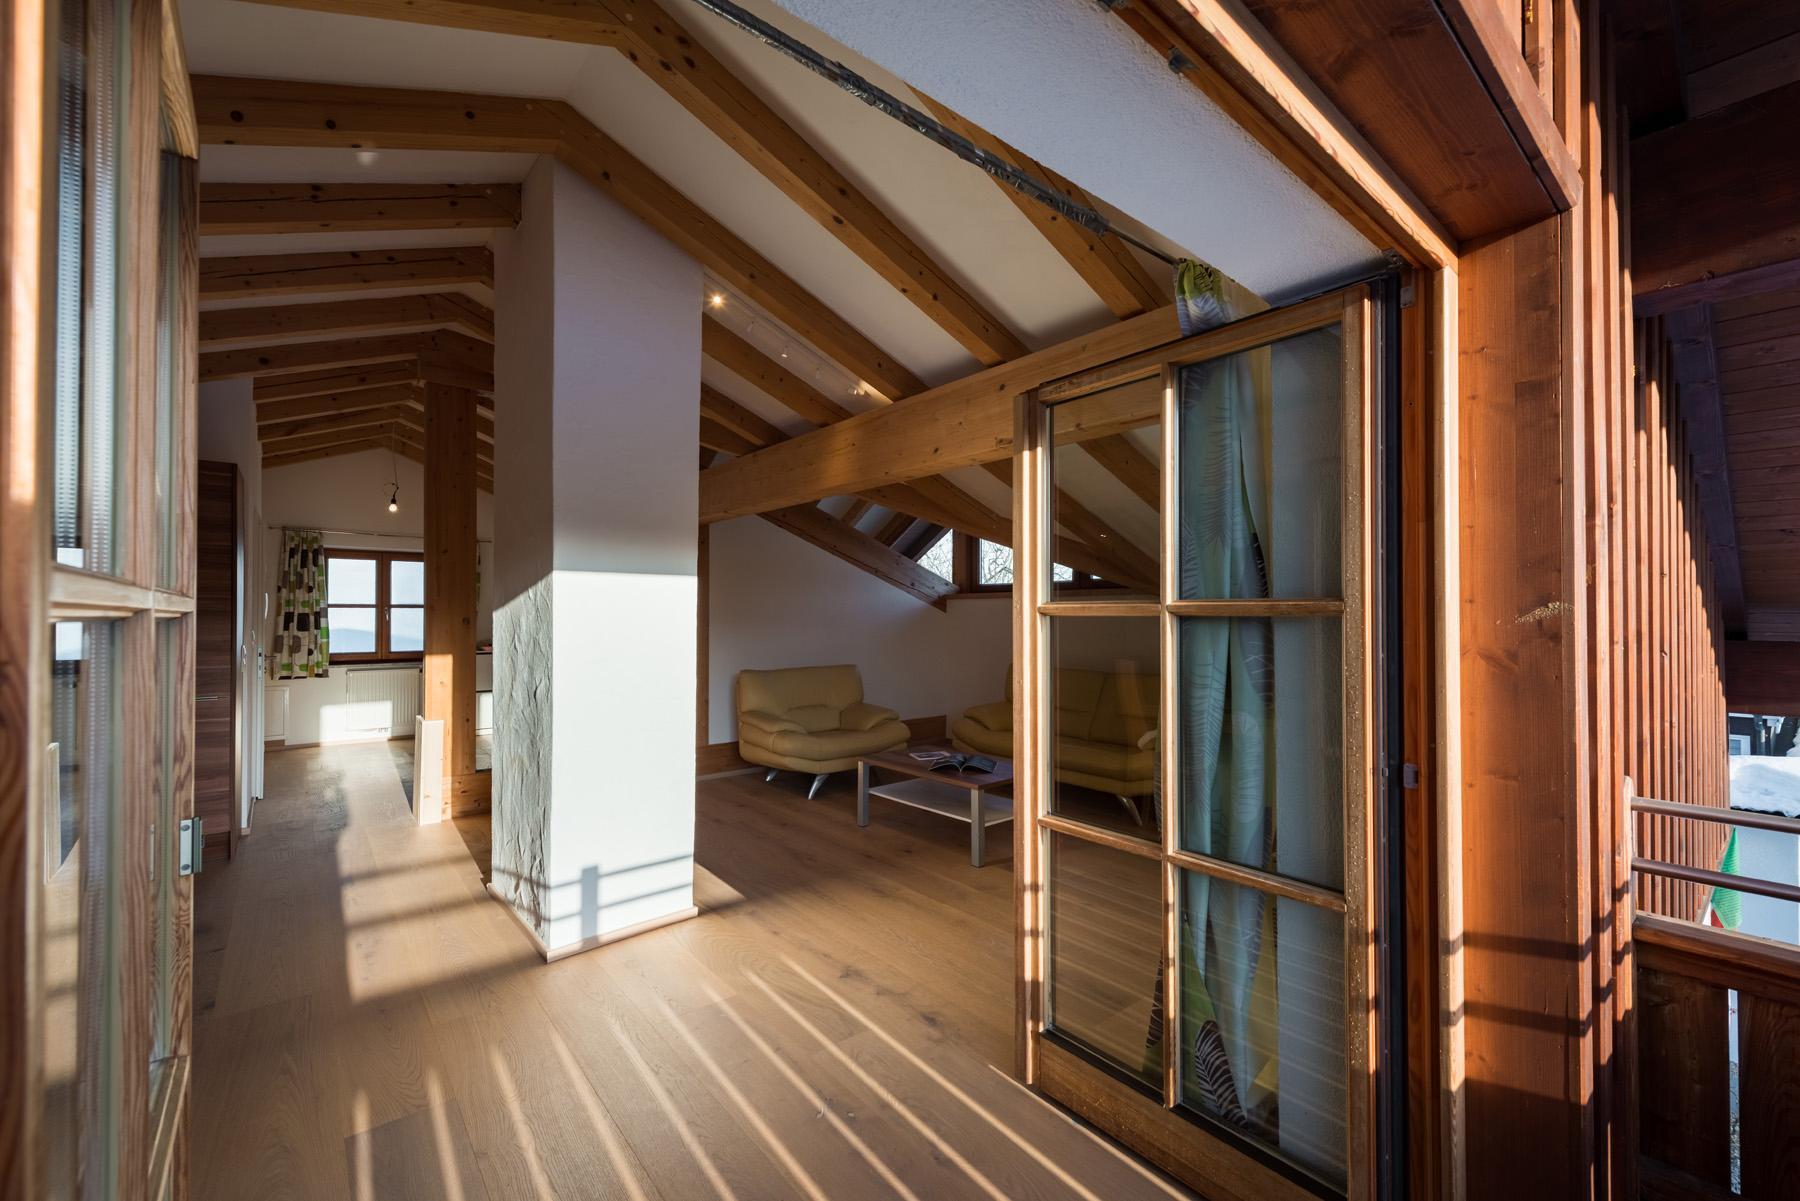 Ferienwohnung Alpinloft Tirol Appartement/Fewo, Dusche und Bad, WC, 1 Schlafraum (2612031), Bad Häring, Kufstein, Tirol, Österreich, Bild 11